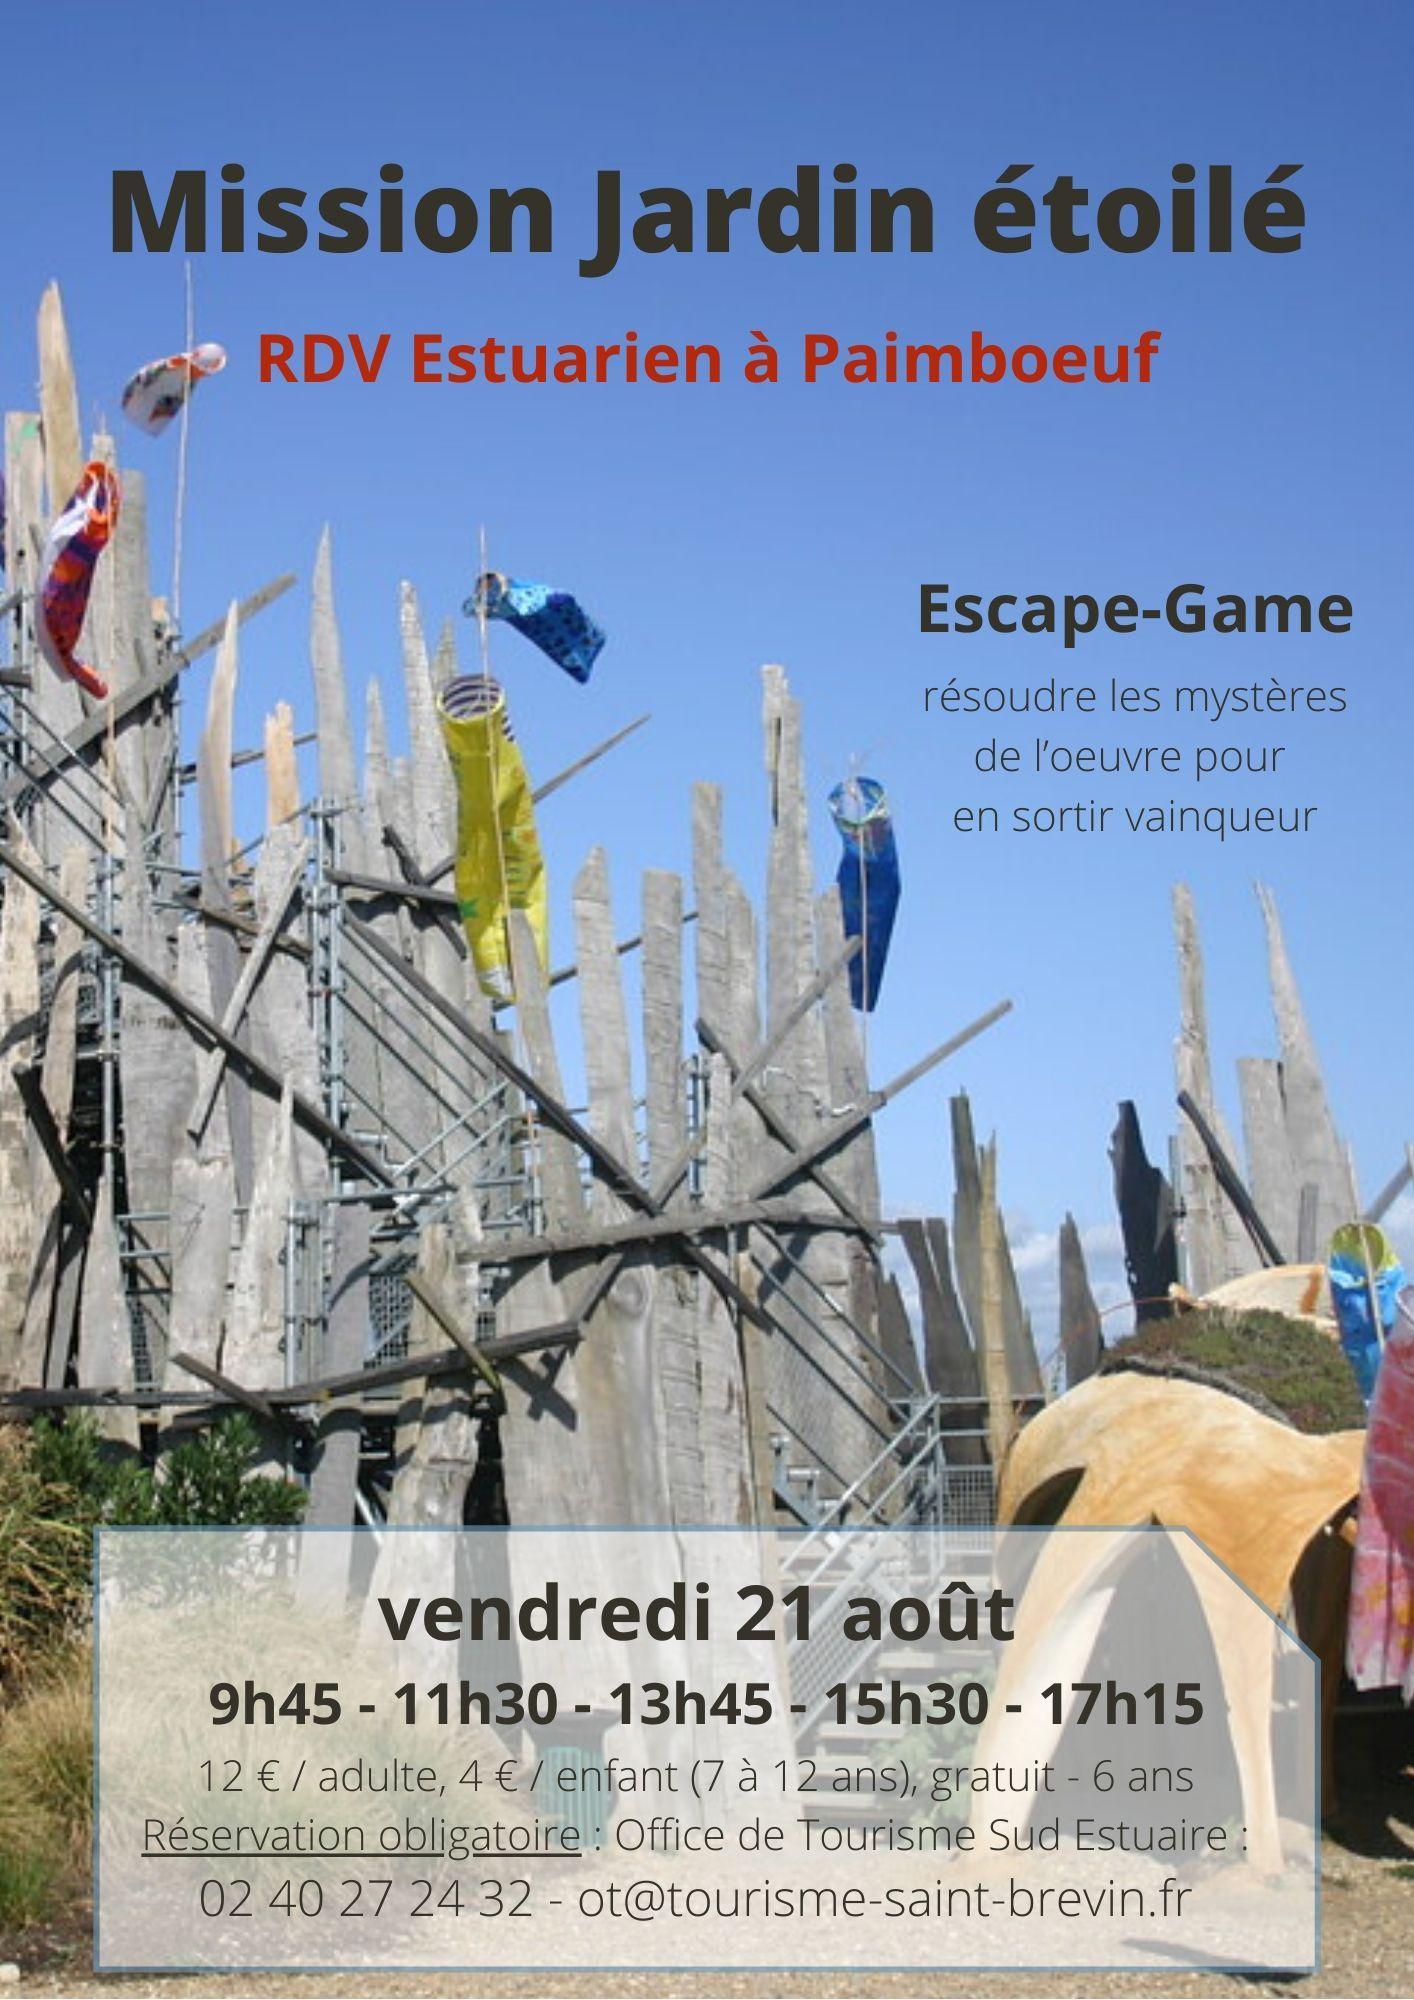 RDV Estuarien aout 2020 - Mission Jardin étoilé - Paimboeuf